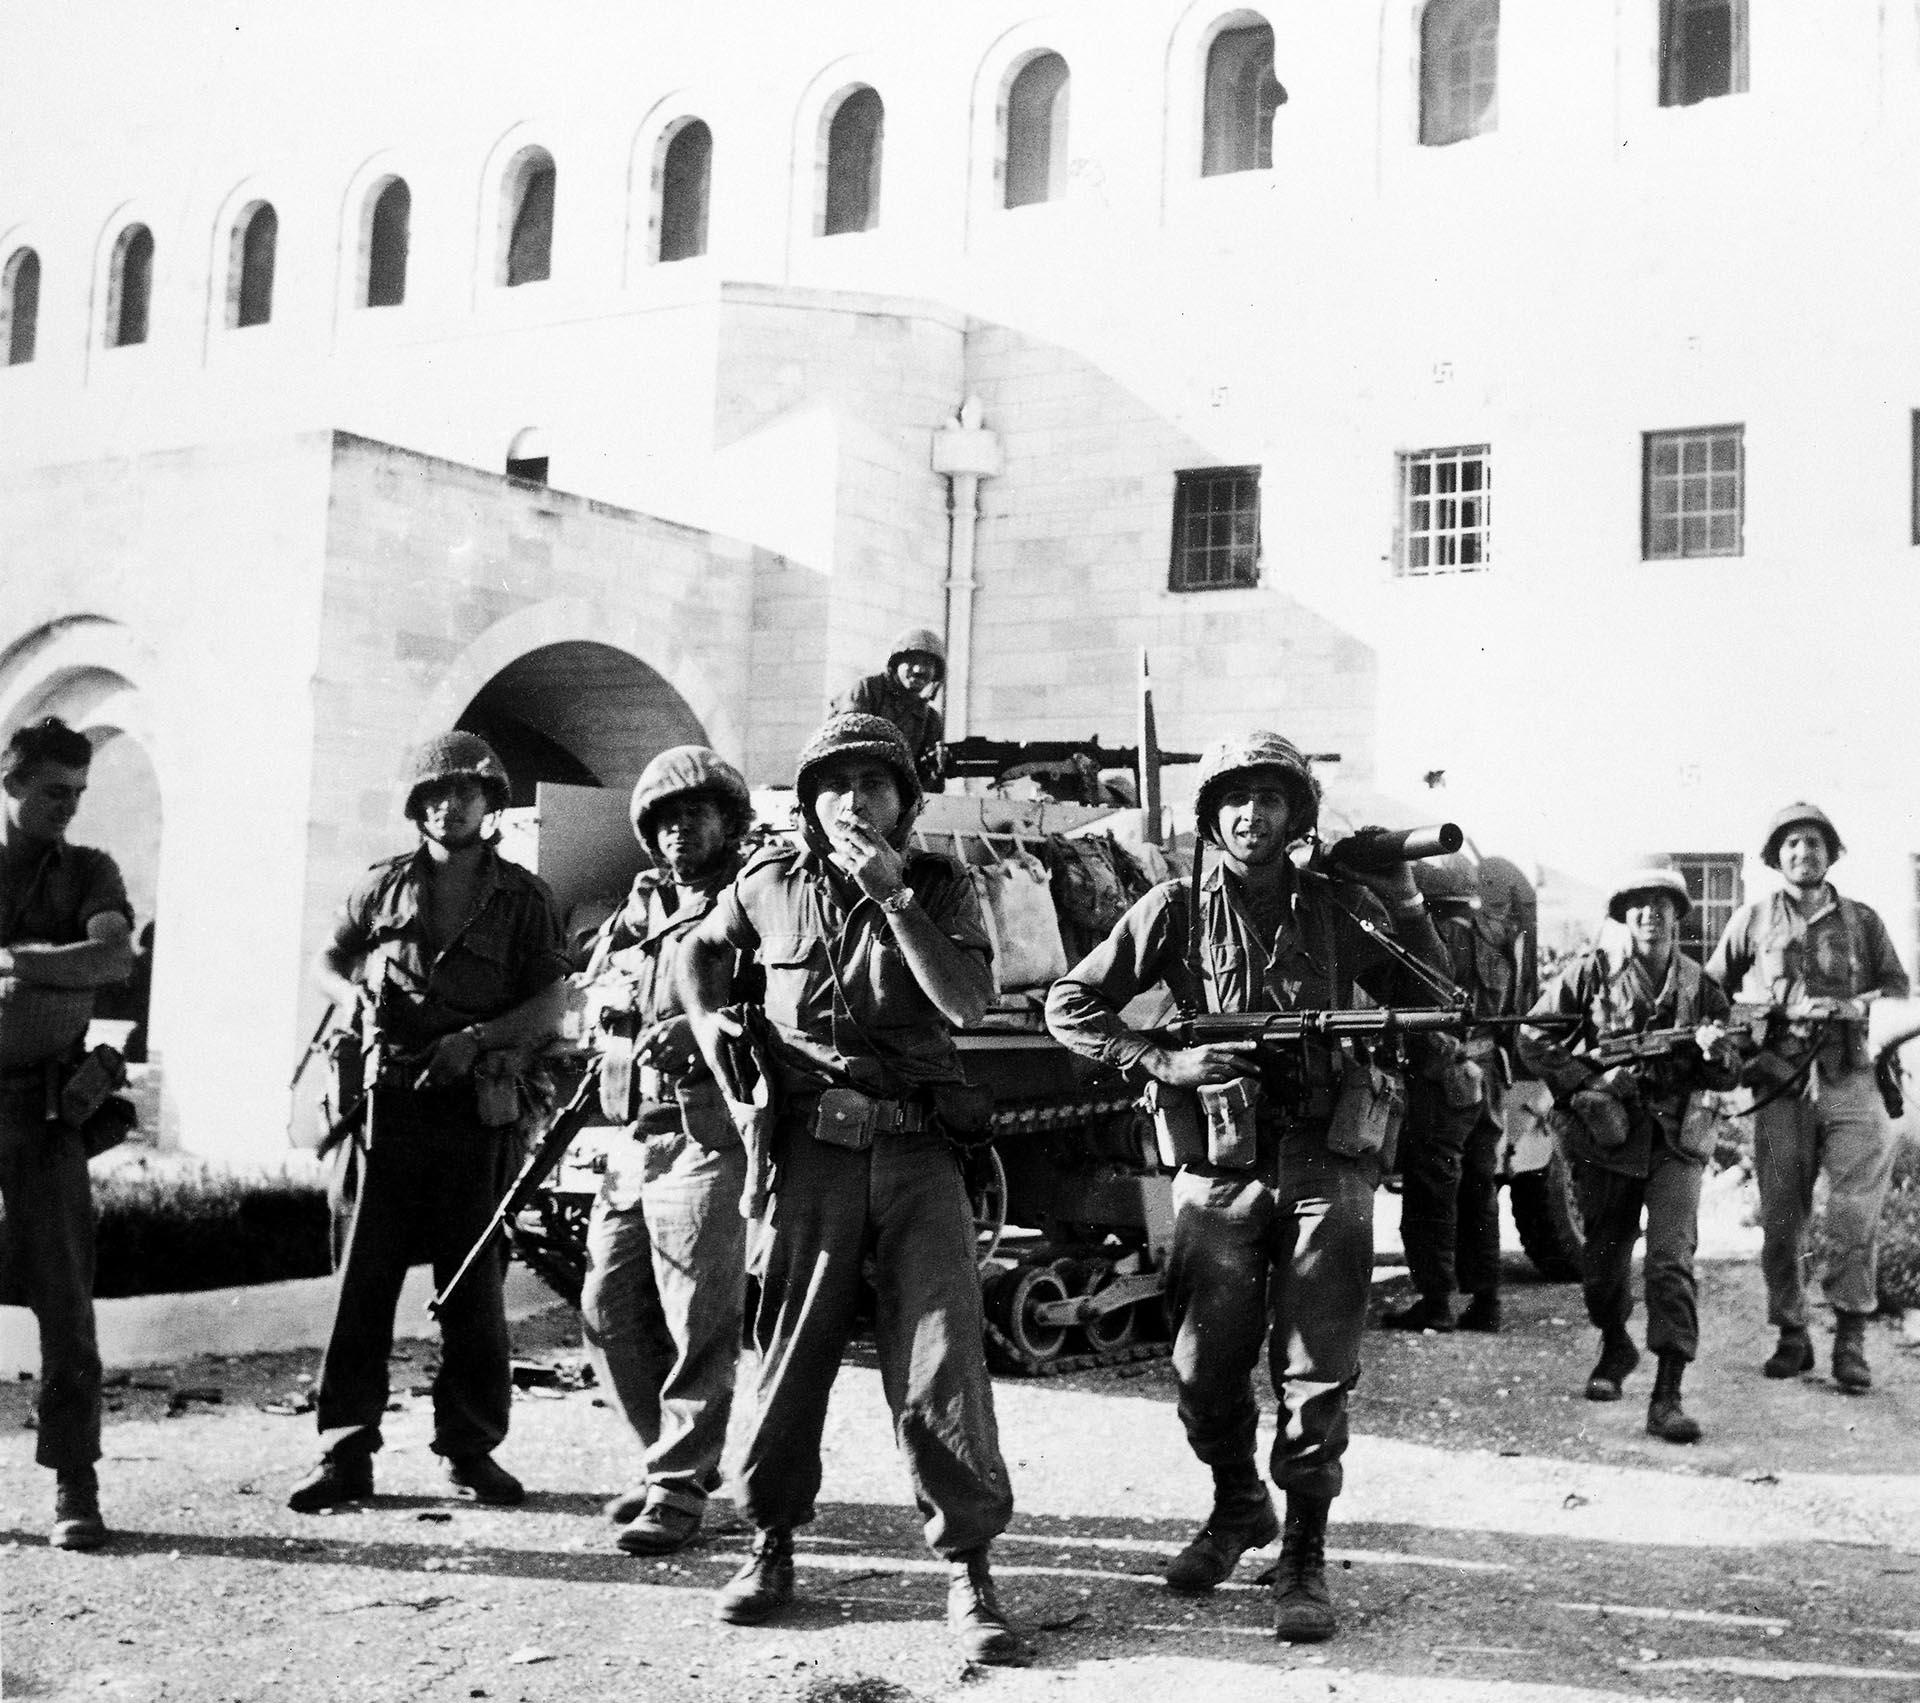 6 de junio de 1967. Tropas israelíes en la casa de Gobierno de la ciudad vieja de Jerusalén luego de tomar la parte de la ciudad que estaba en manos jordanas tras una dura batalla.